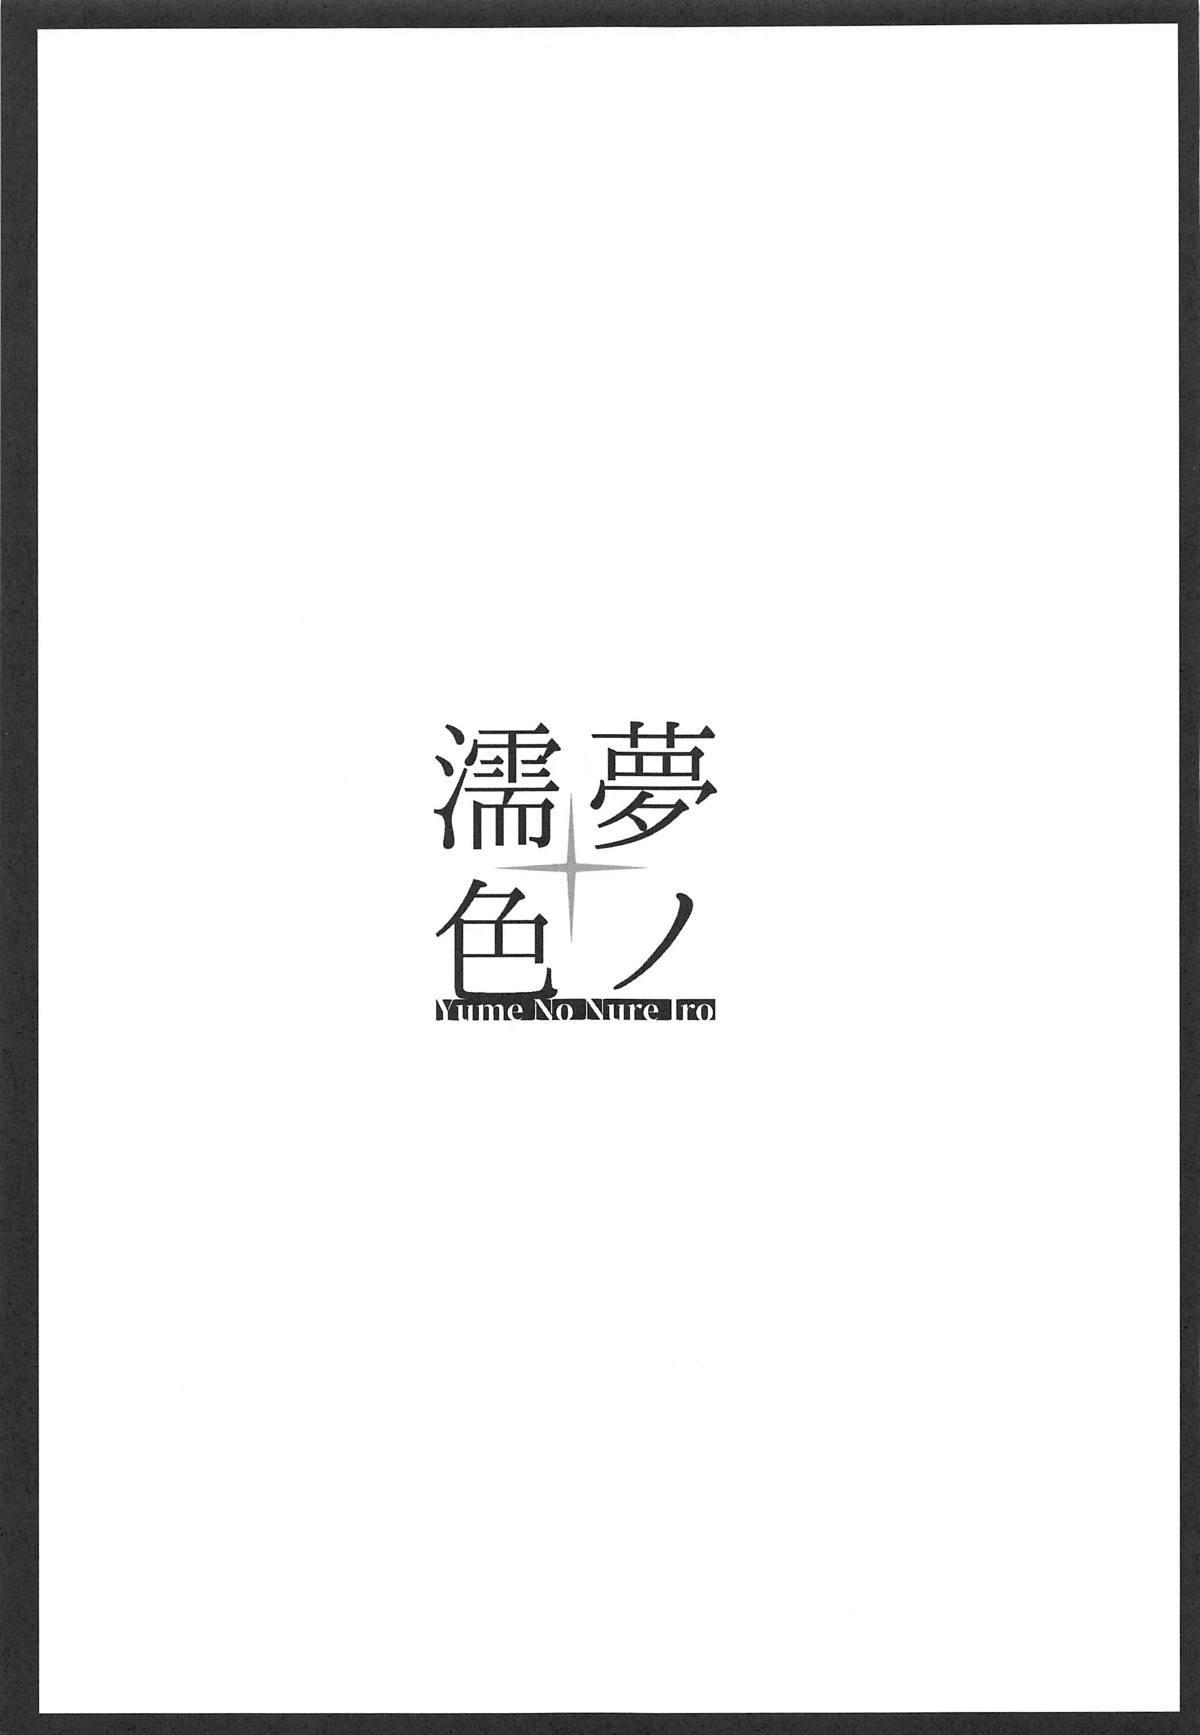 Yume No Nure Iro 23